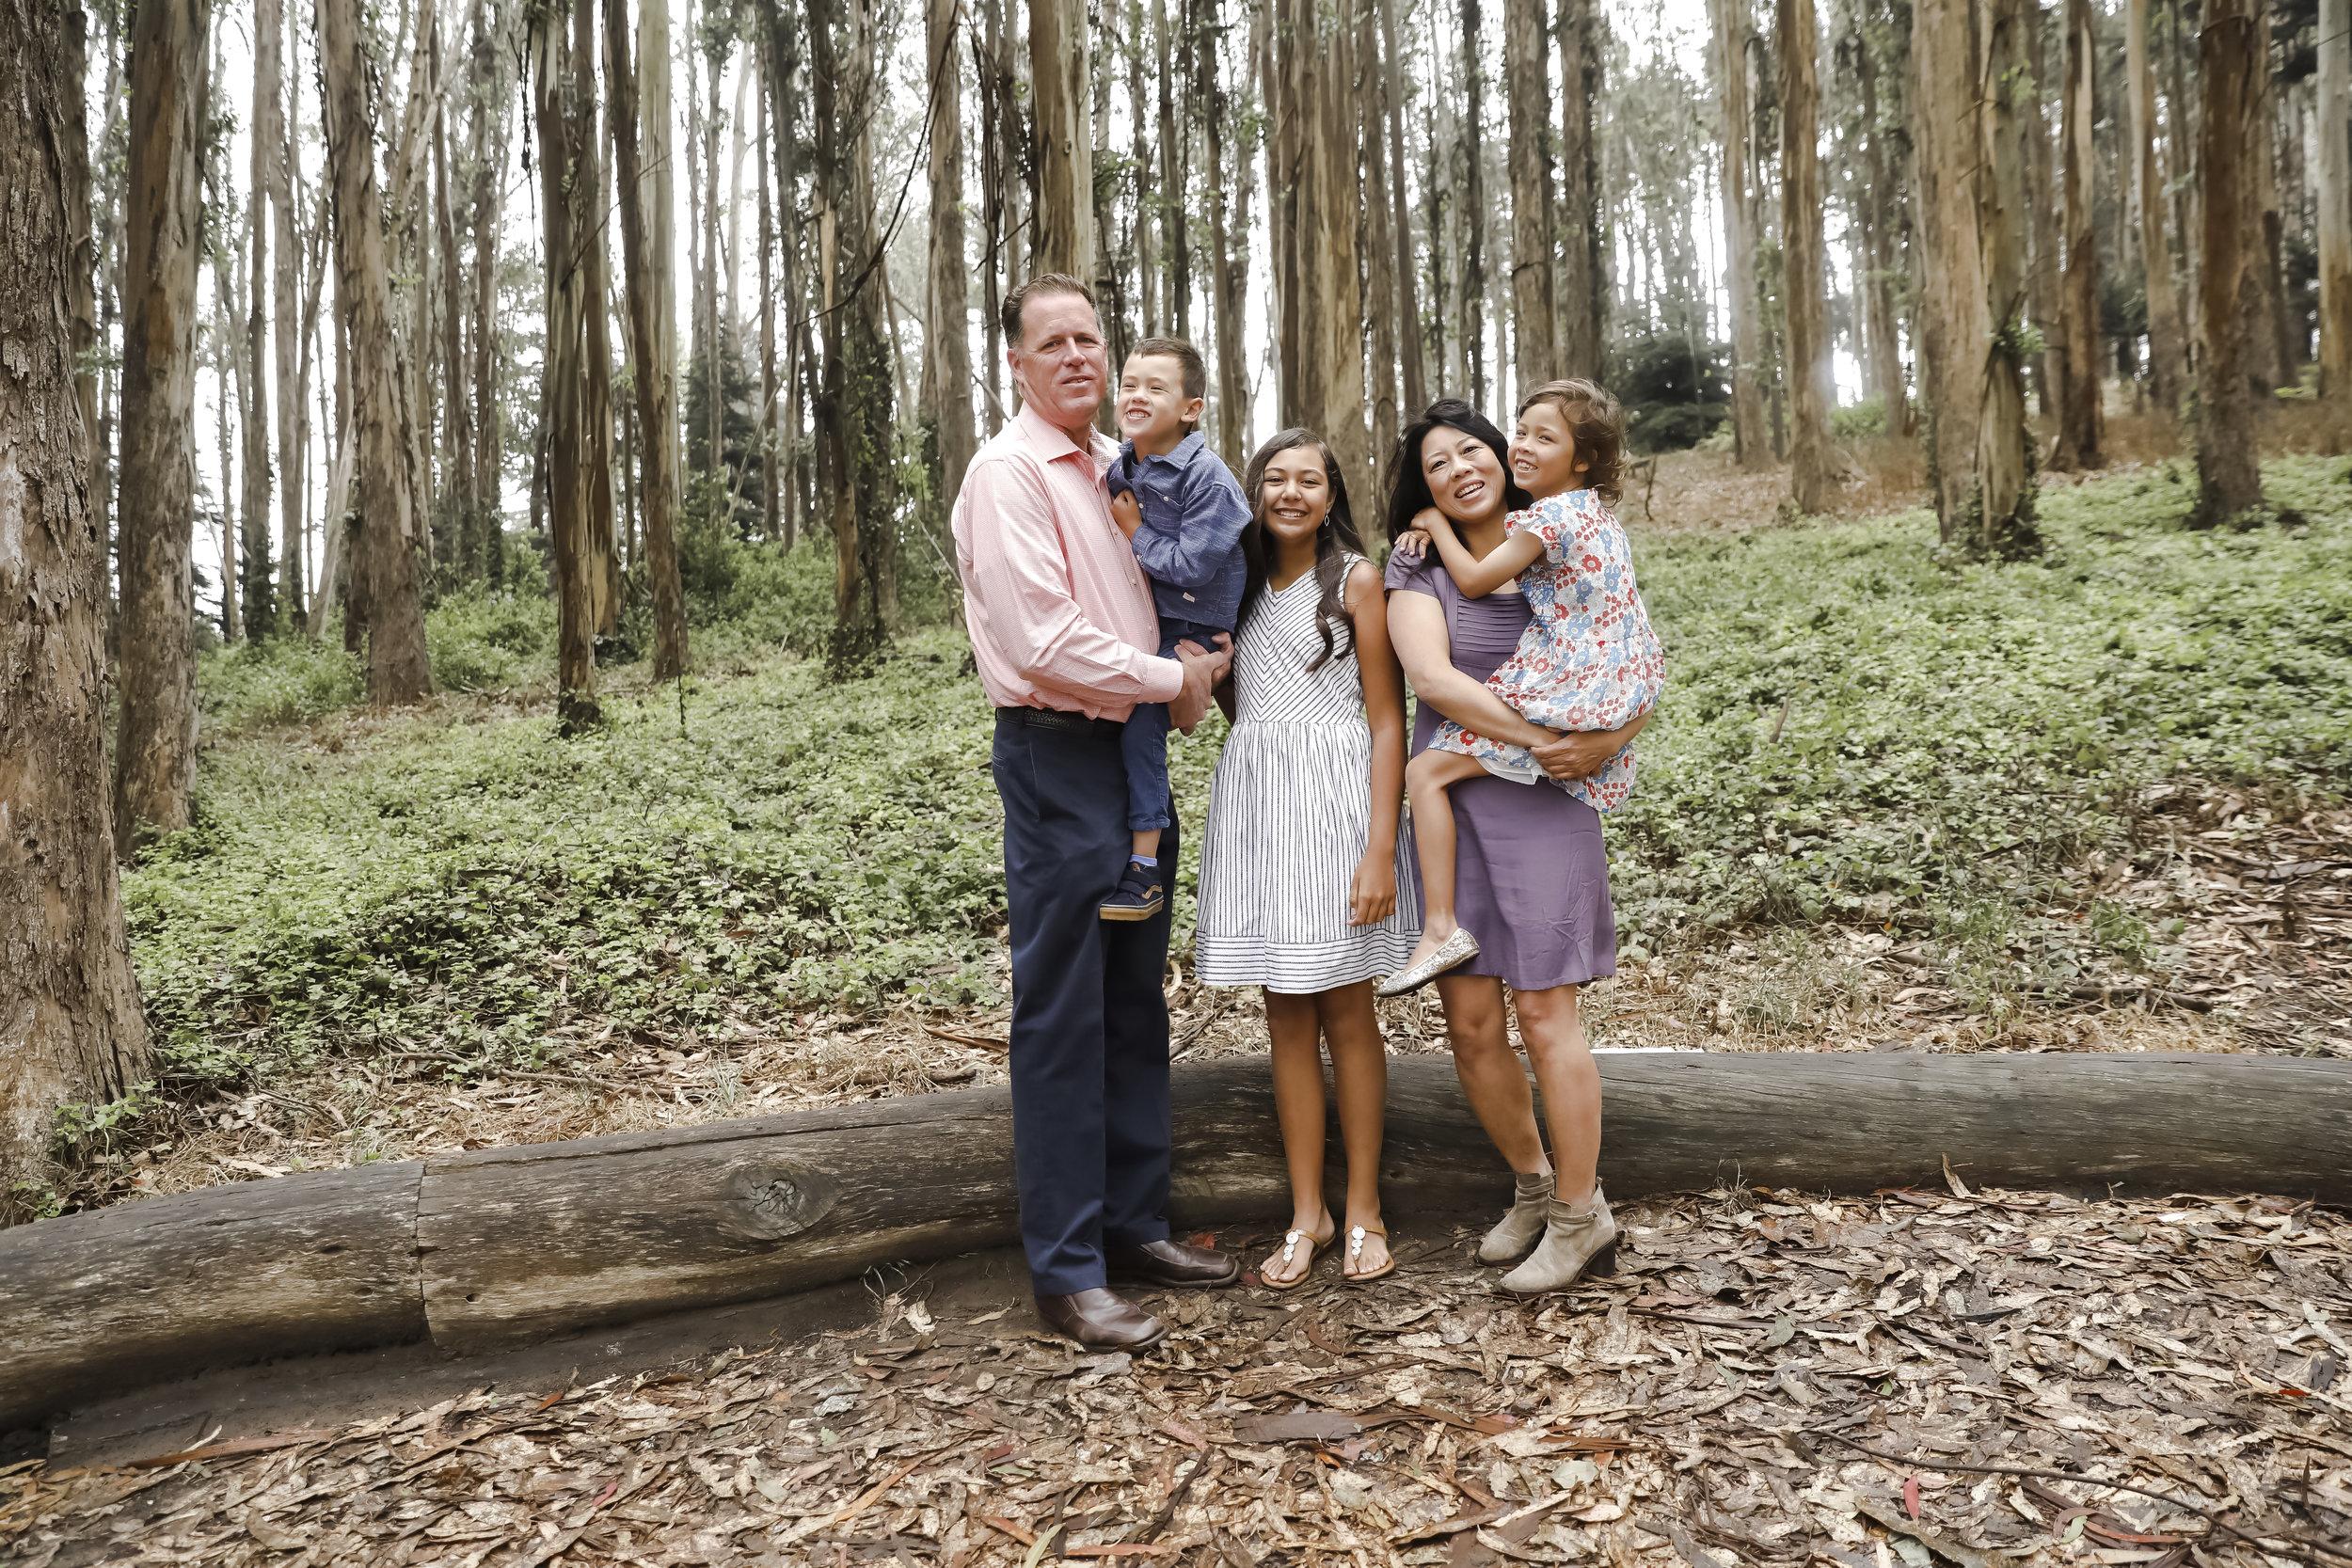 hinklefamily-ahp-00002.jpg